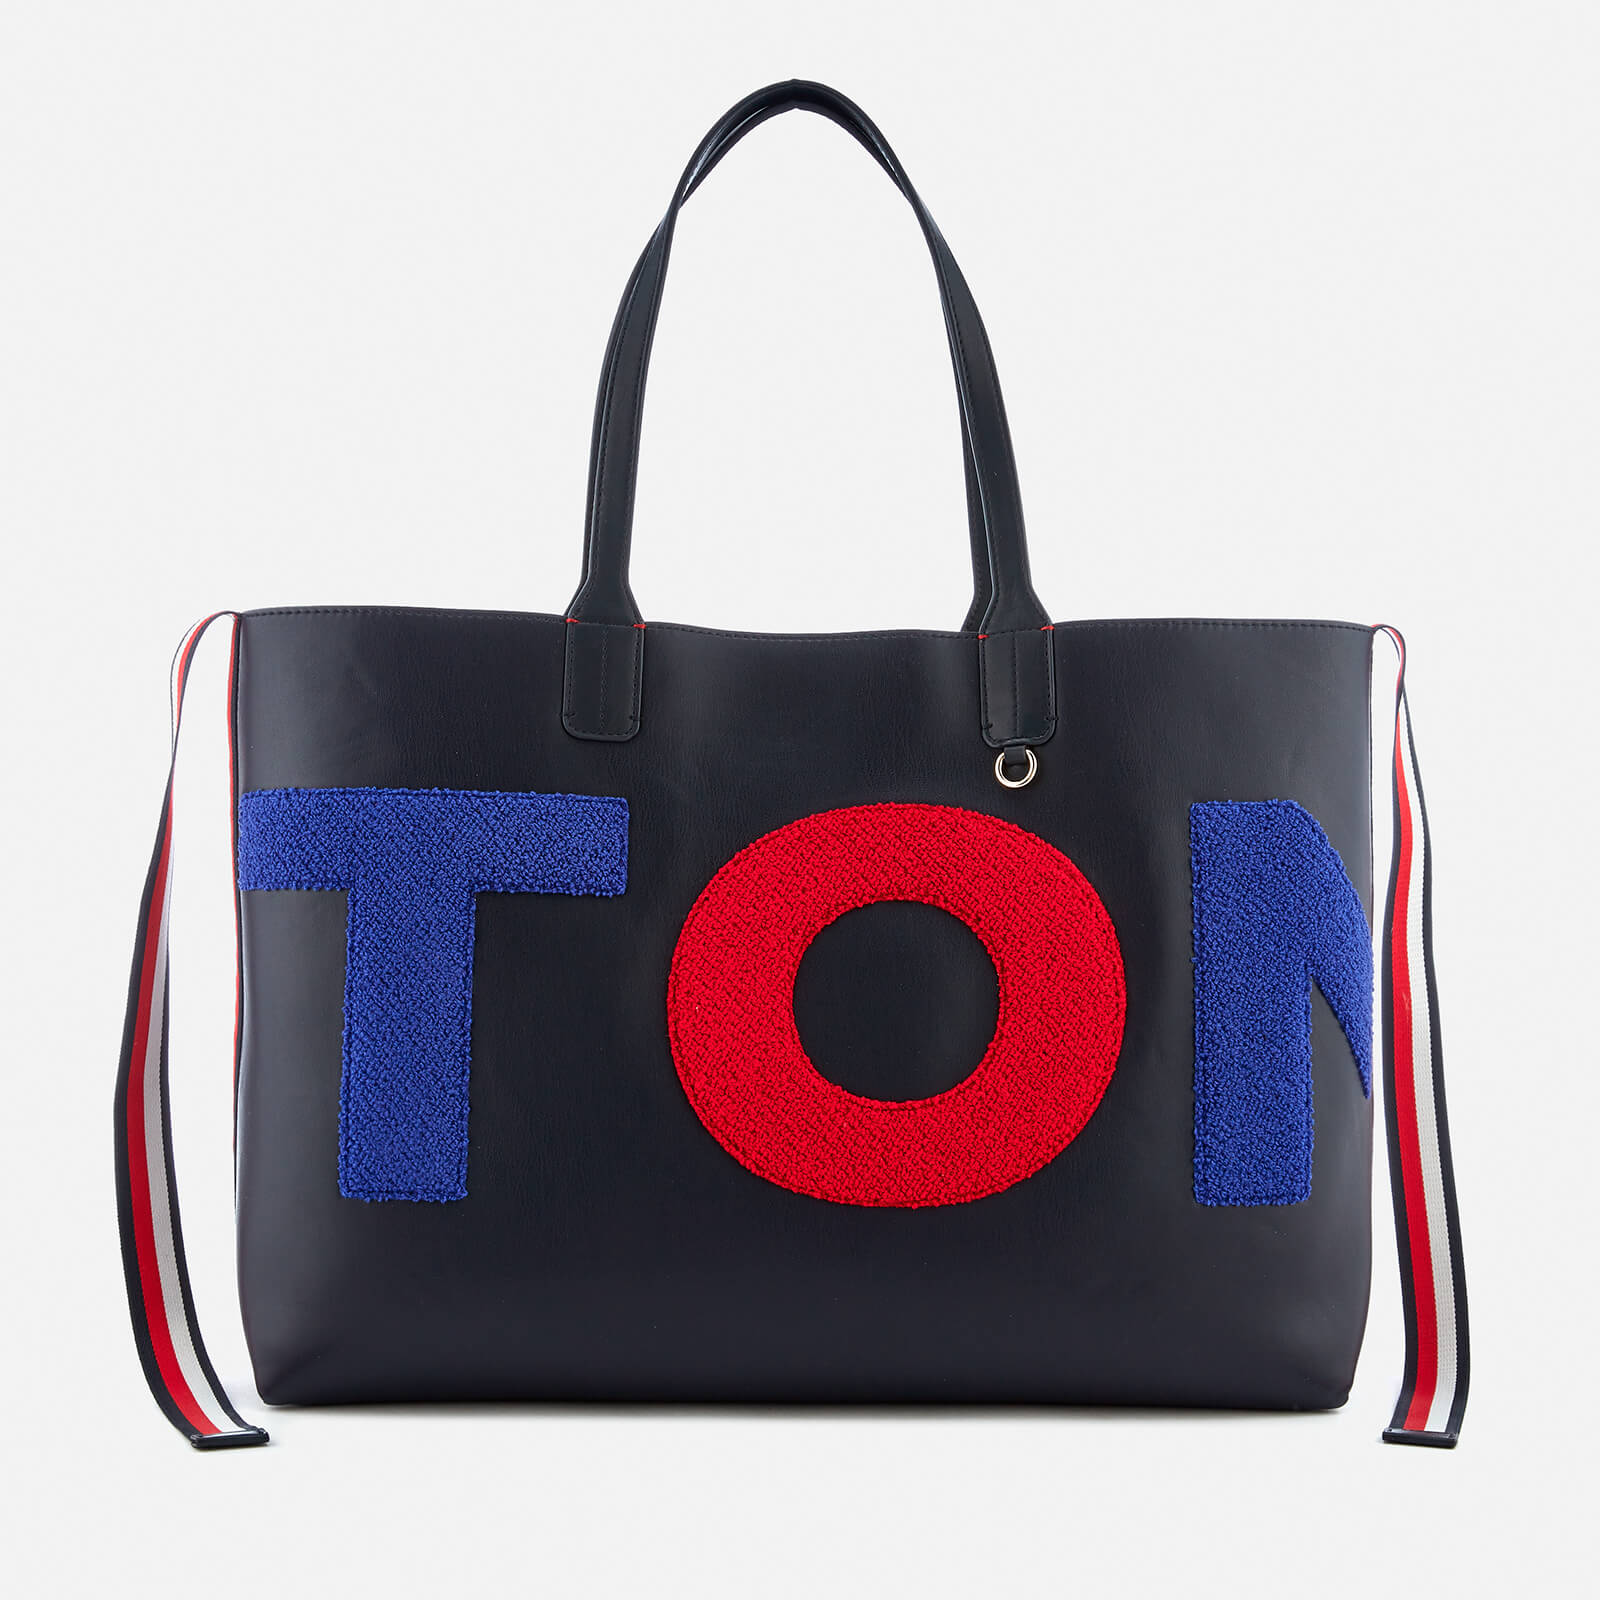 d127af3c2 Tommy Hilfiger Women's Iconic Tote Bag - Navy